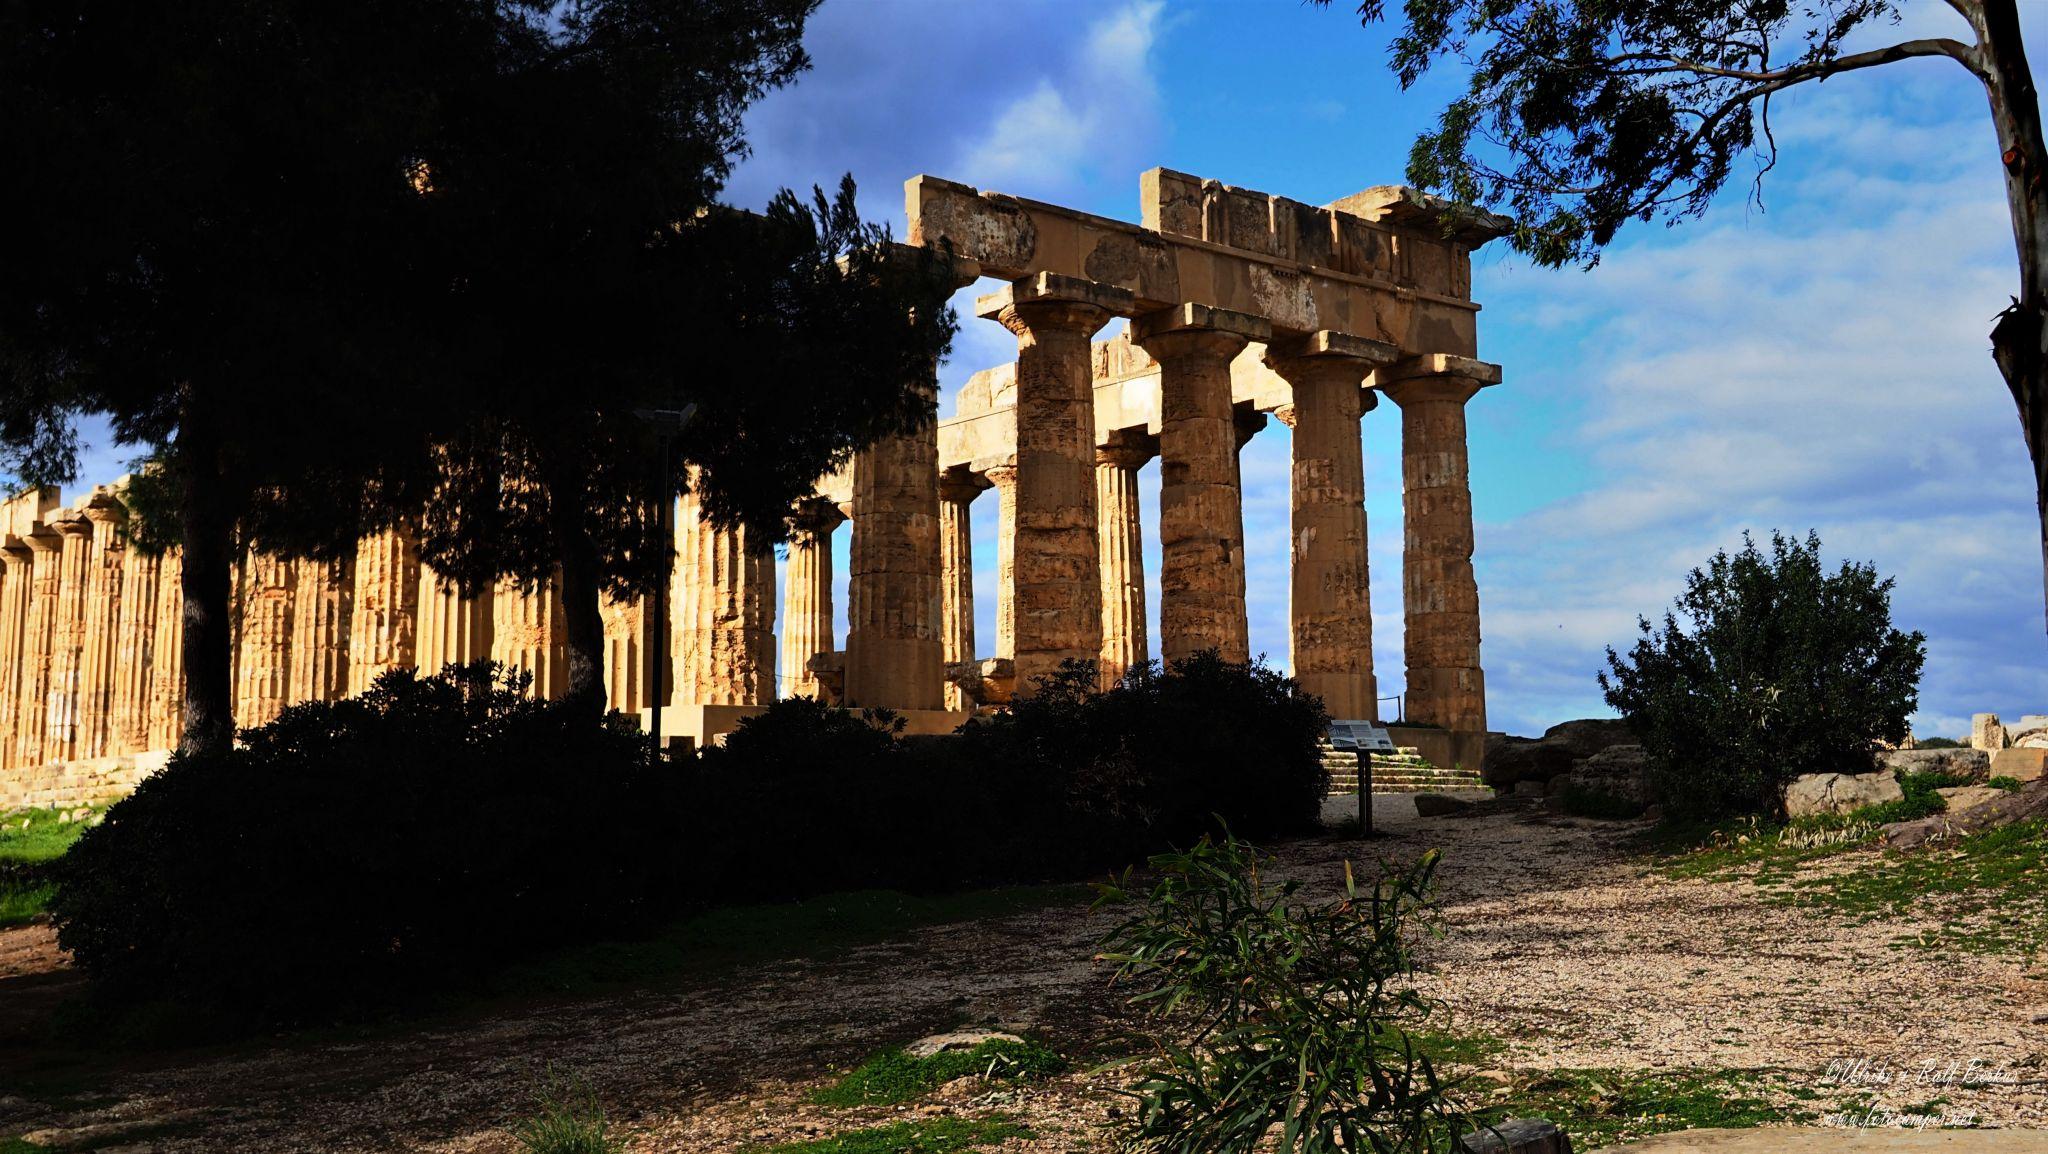 Tempel E / Hera-Tempel, Italy